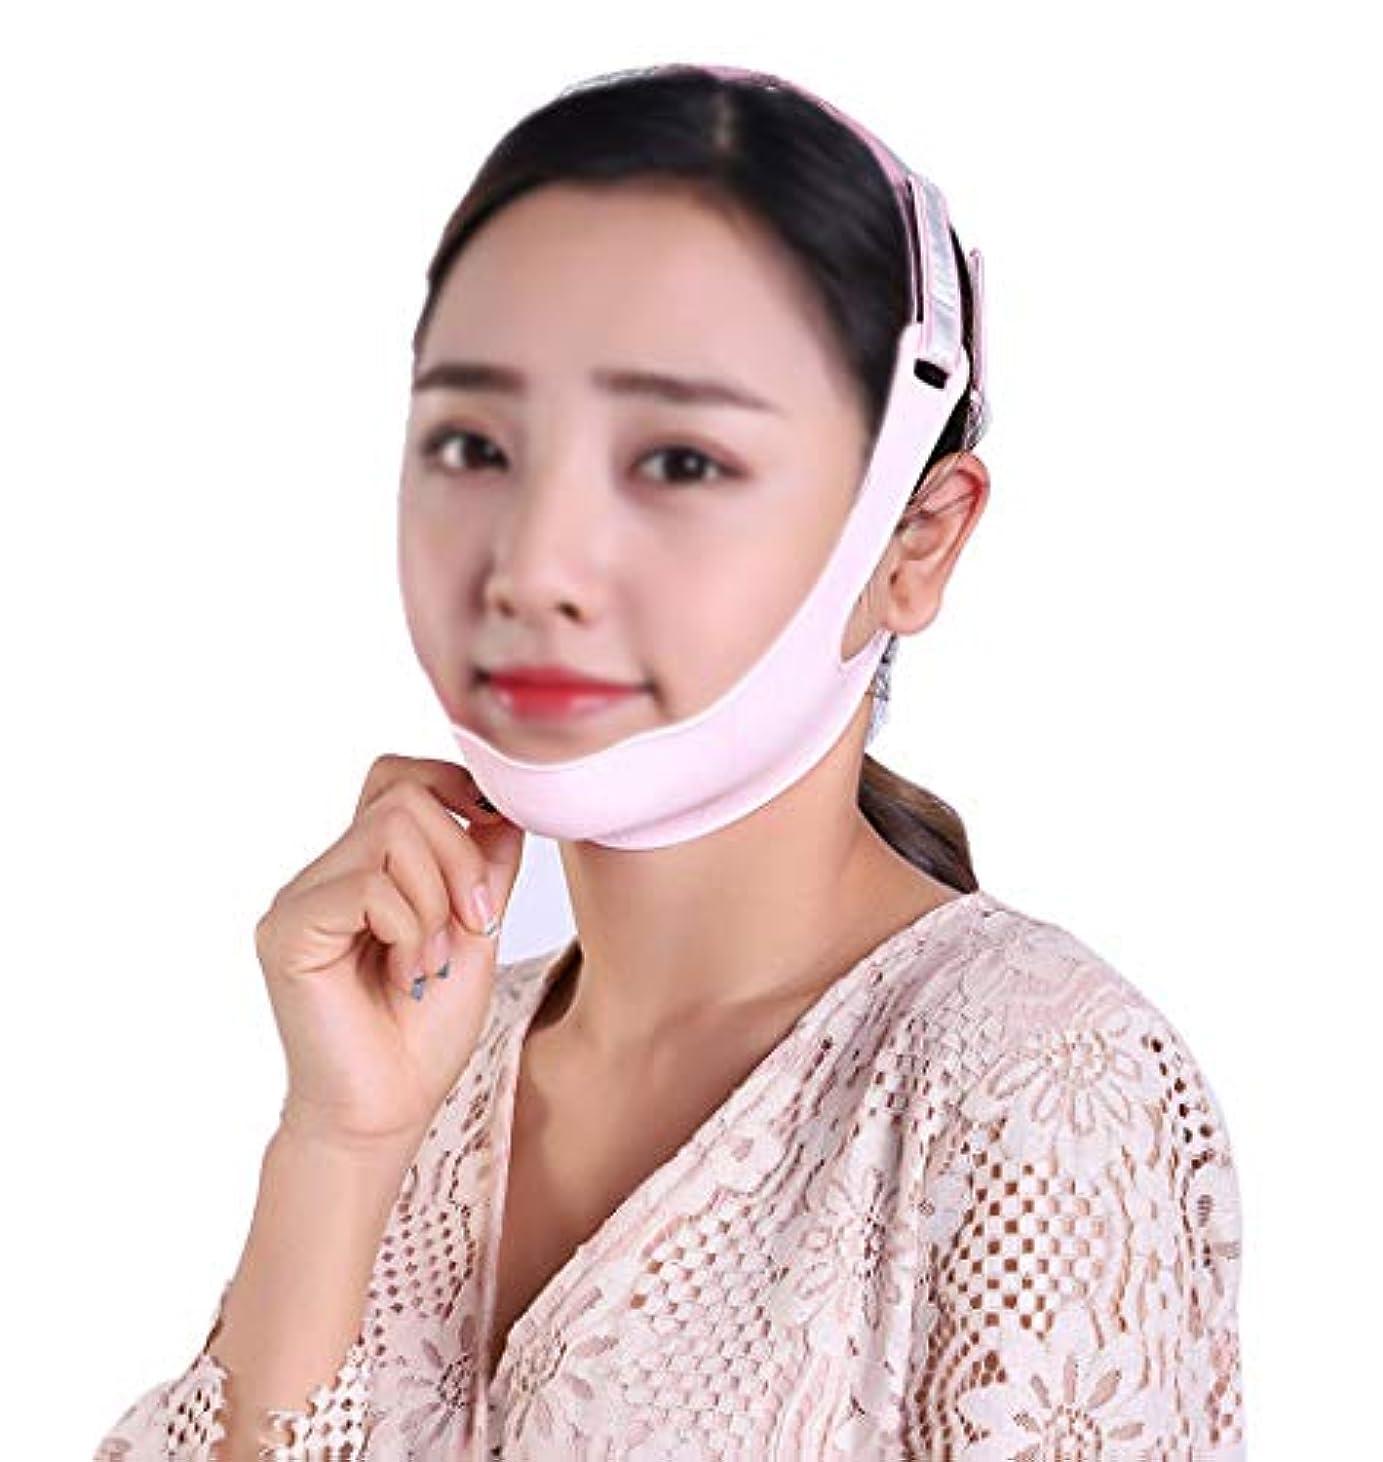 転用結婚チロフェイスリフトマスク、シリコンVフェイスマスクの引き締め、リフティングフェイス、リラクゼーションフェイスとネックリフトのバンデージスモールVフェイスアーチファクト防止 (Size : L)